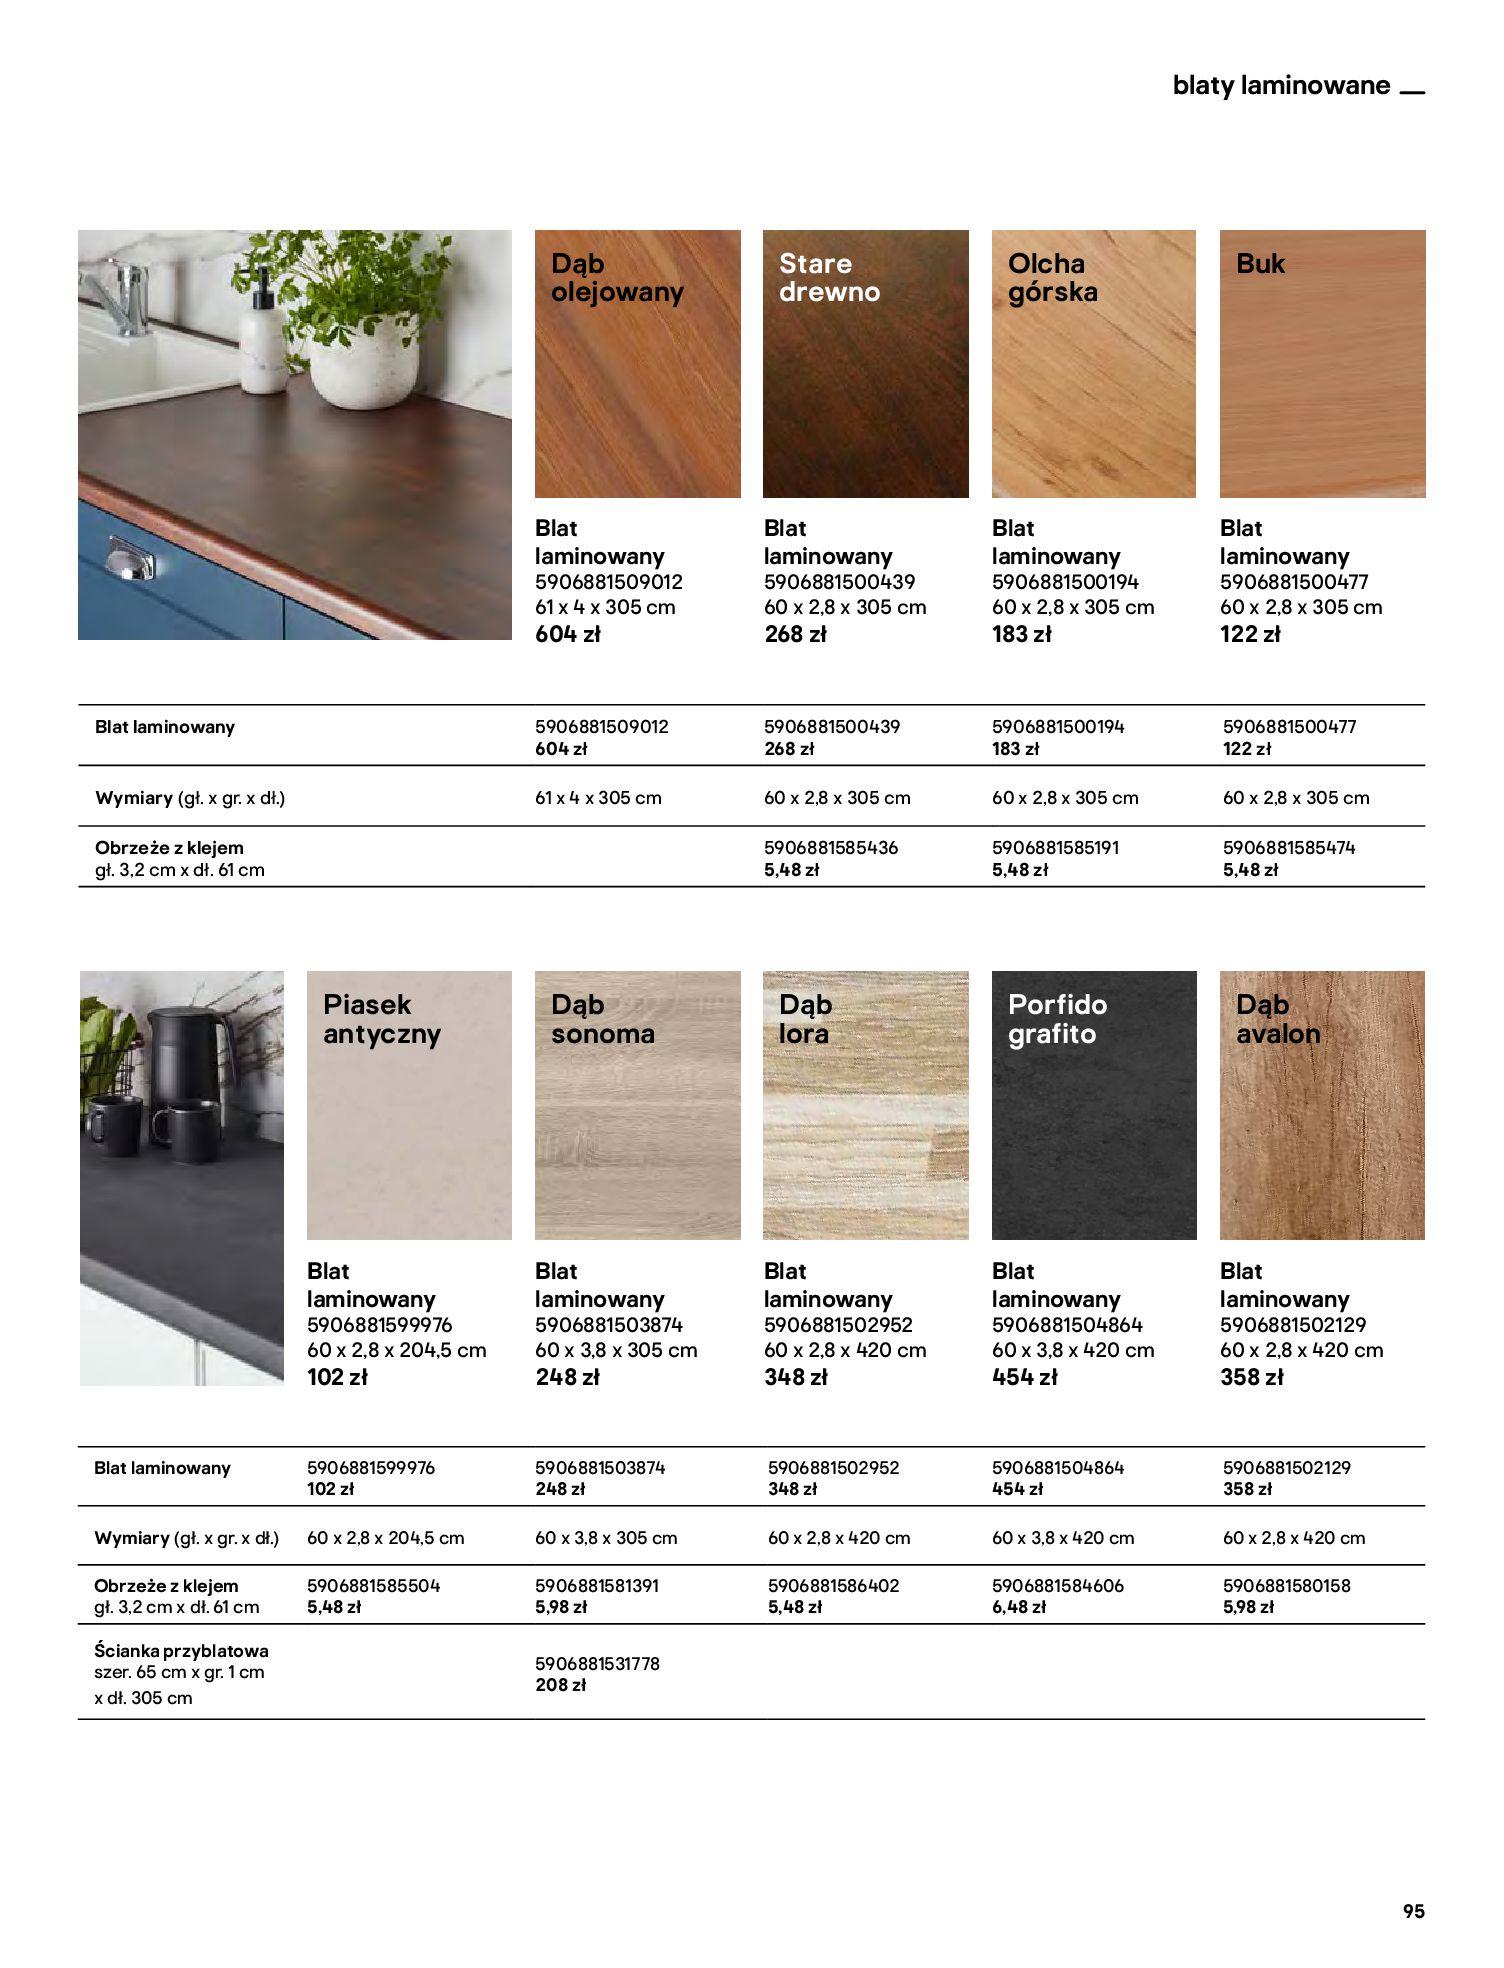 Gazetka Castorama: Katalog kuchnie 2021 2021-05-04 page-95